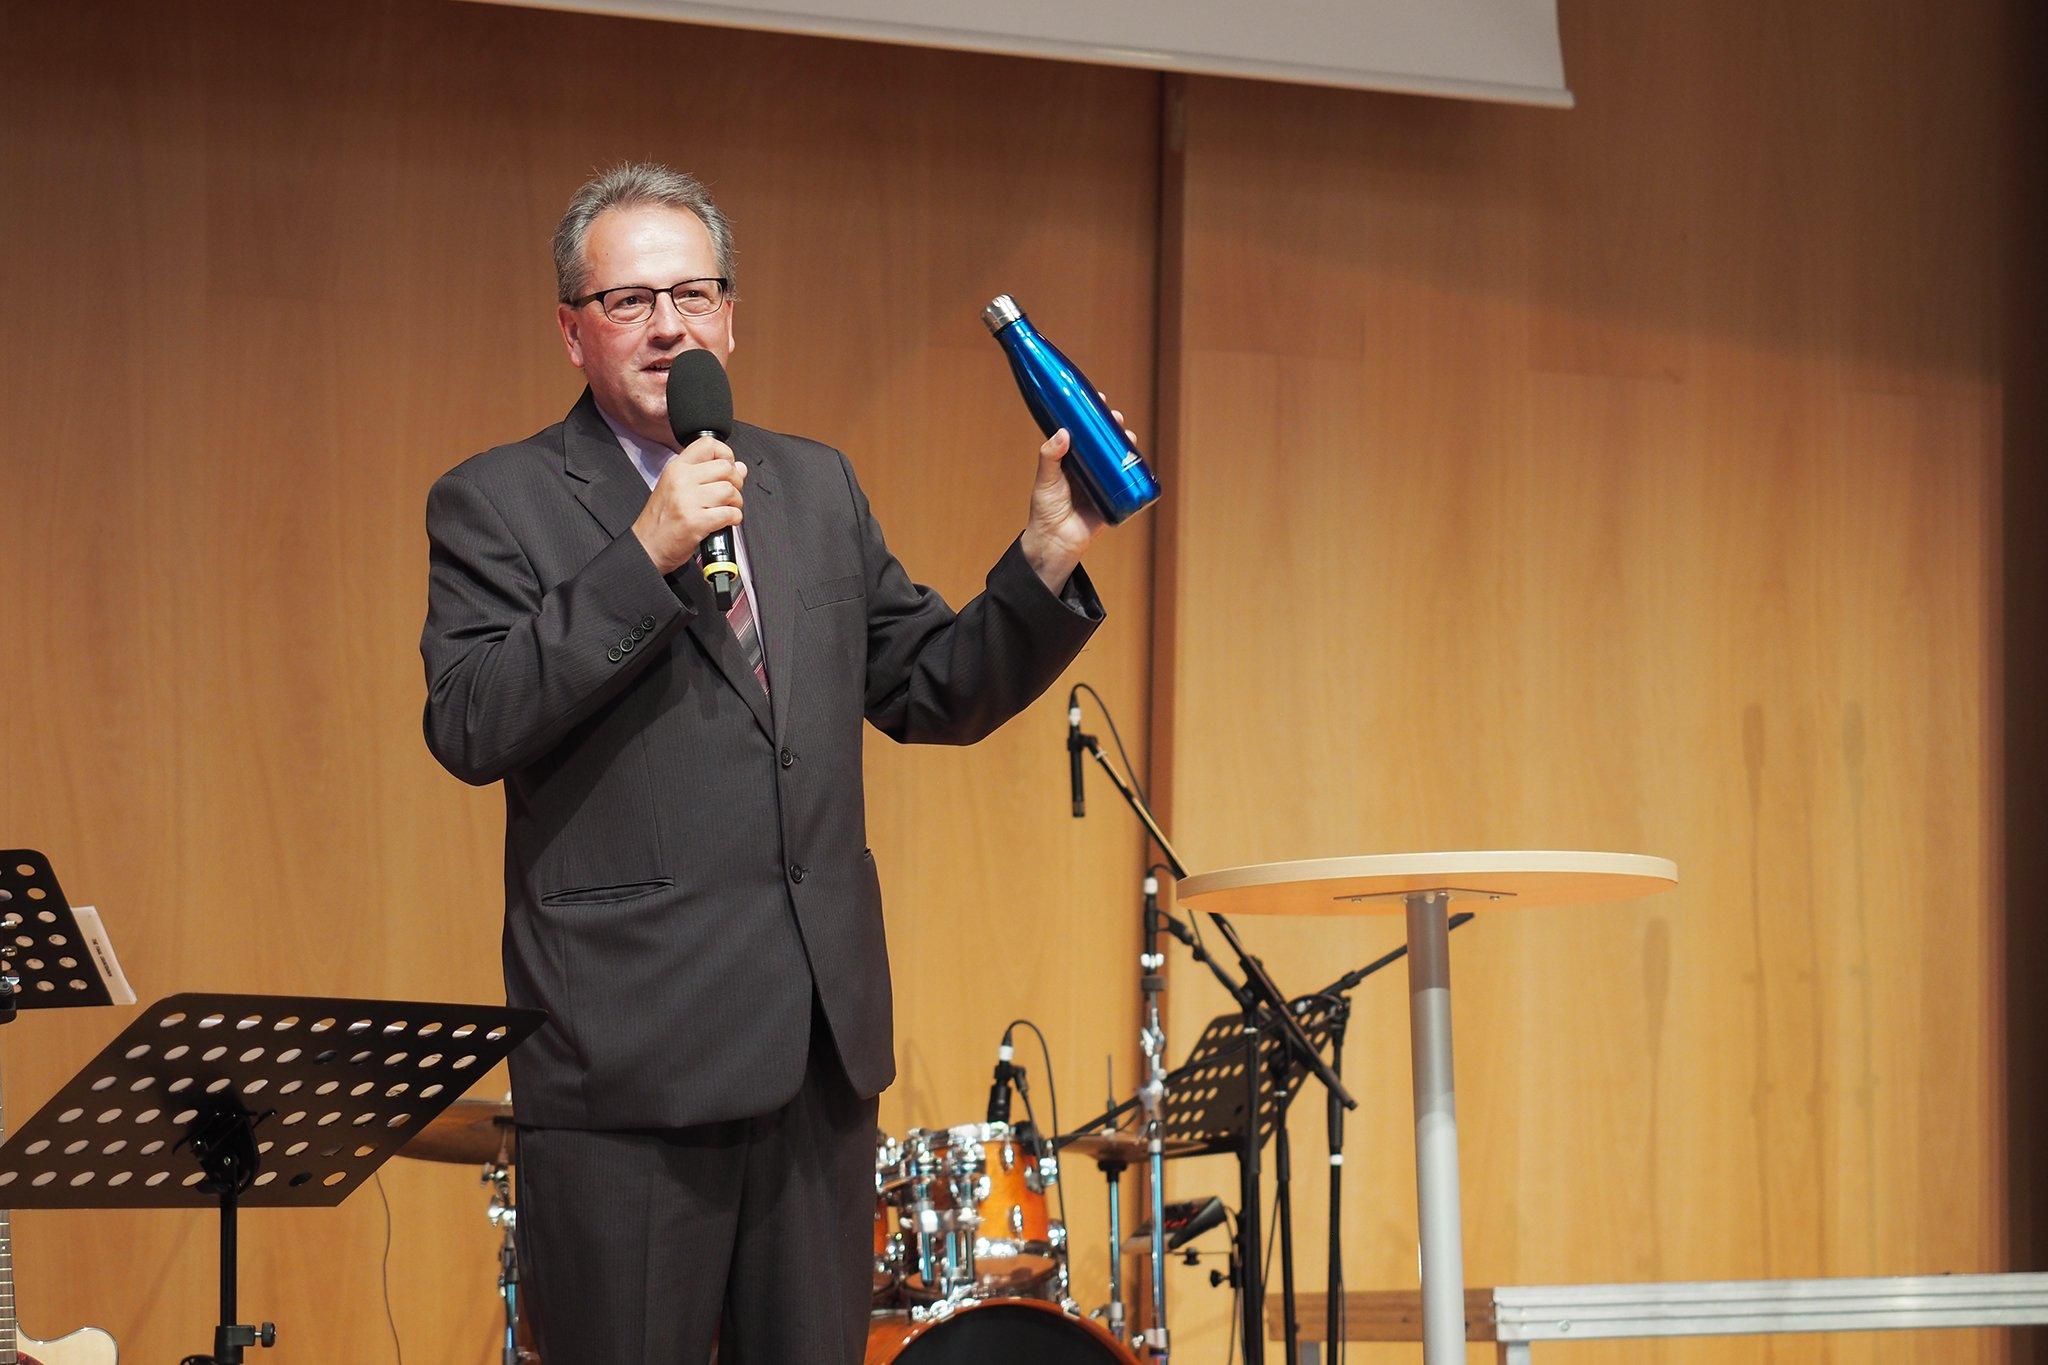 tsc-Jahresfest 2019: Dr. Benedikt Walker schenkt den Absolventen eine Trinkflasche